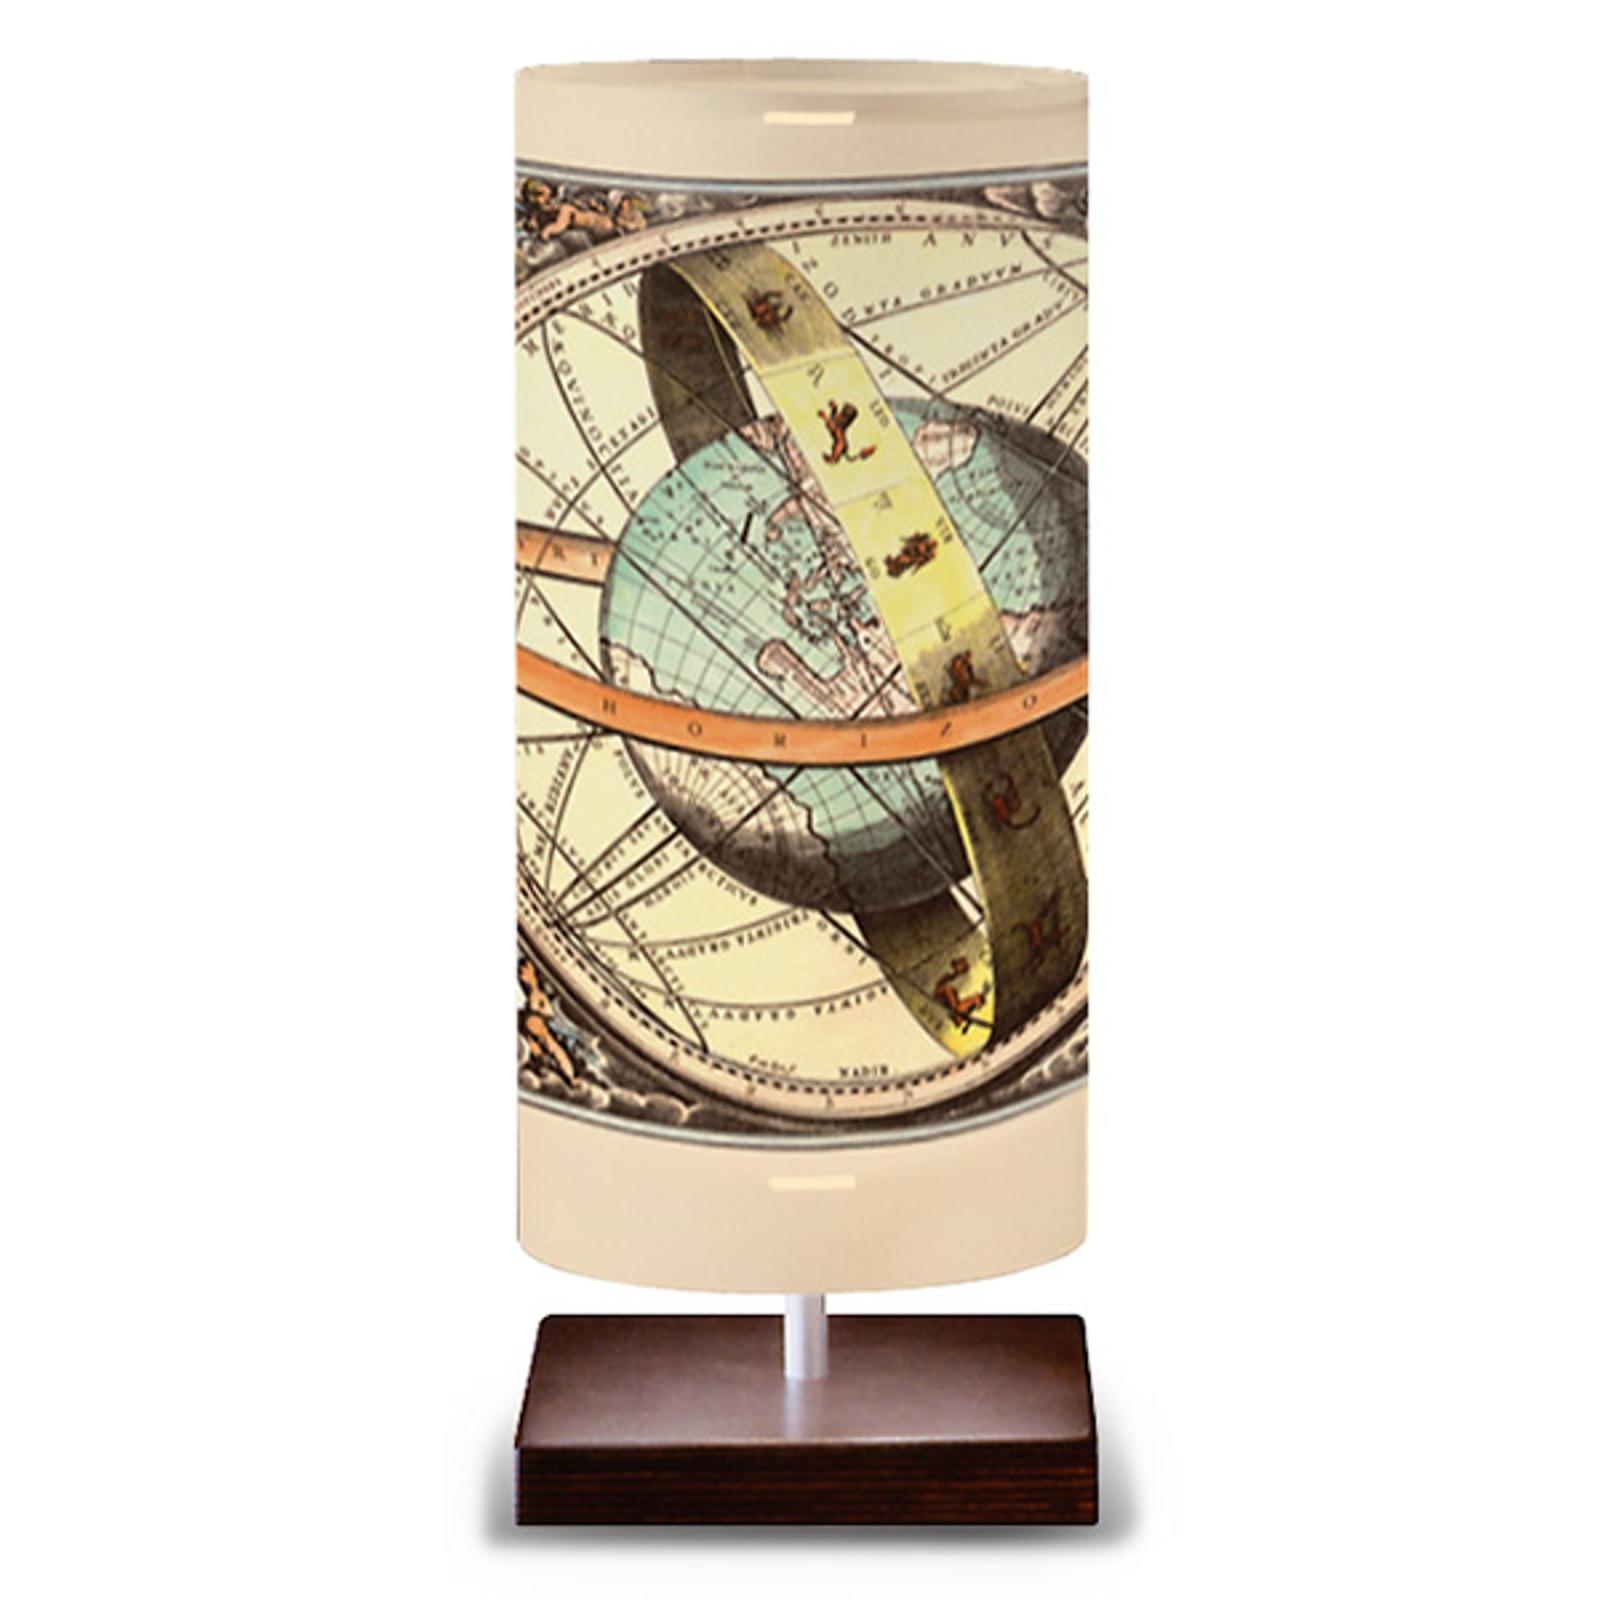 Globe – stolná lampa v dizajne glóbusu_1056090_1